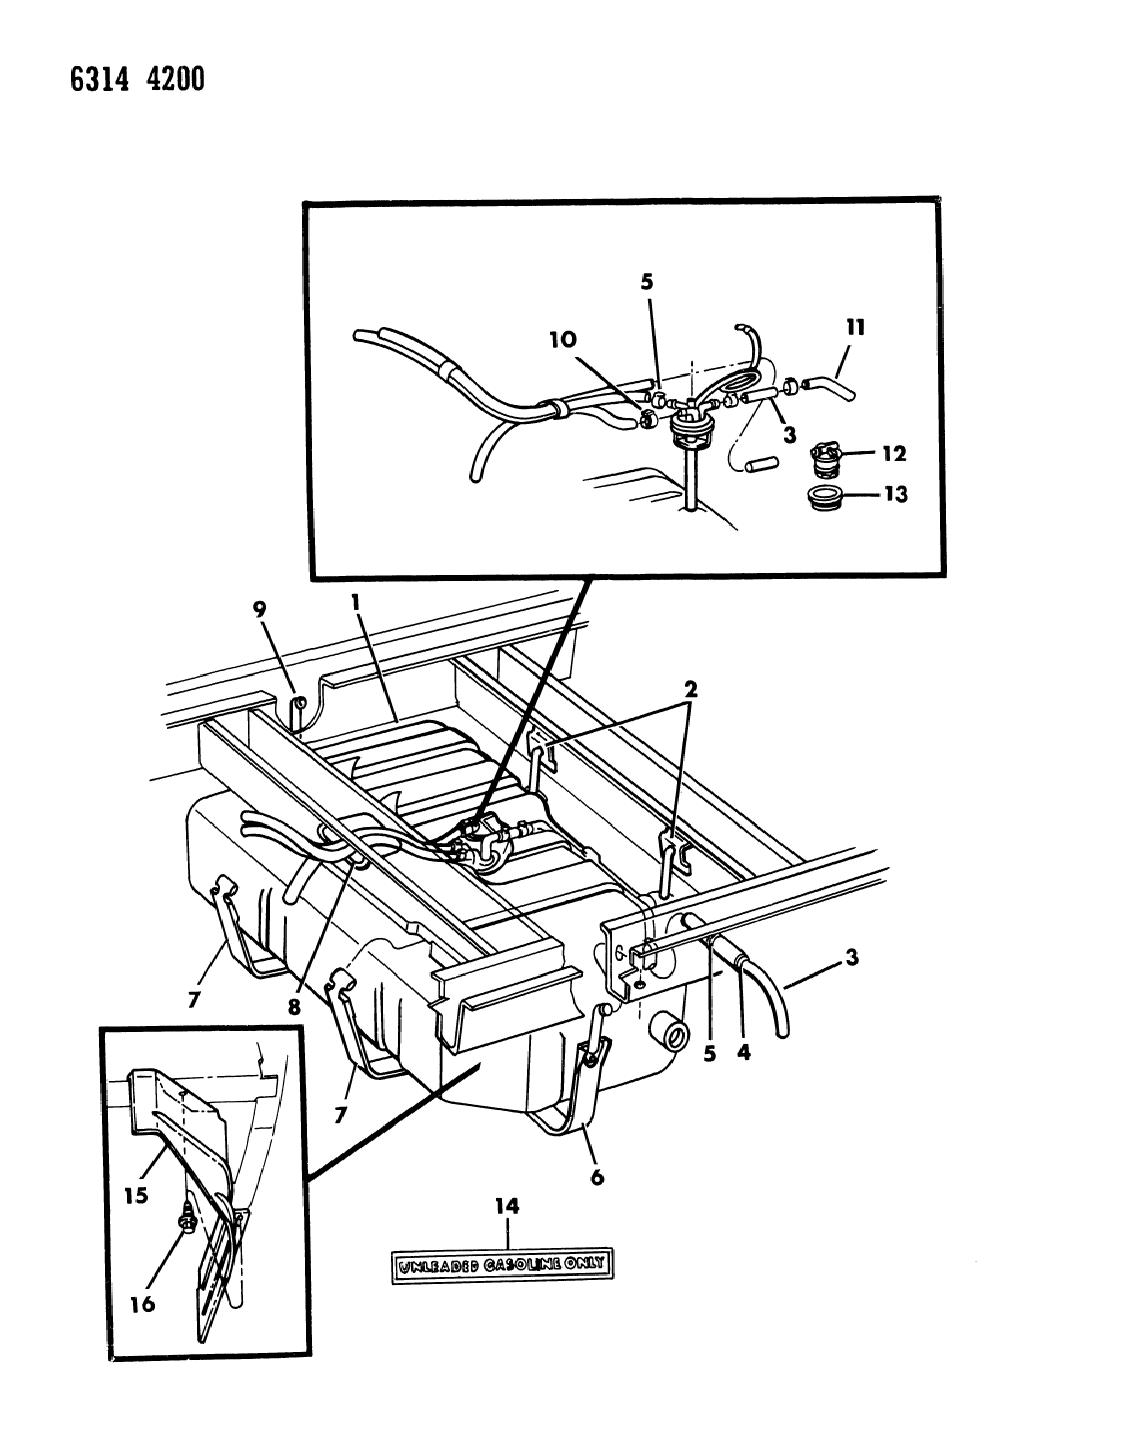 1986 Dodge Ram Van Fuel Tank Mopar Parts Giant Line Diagram Thumbnail 2